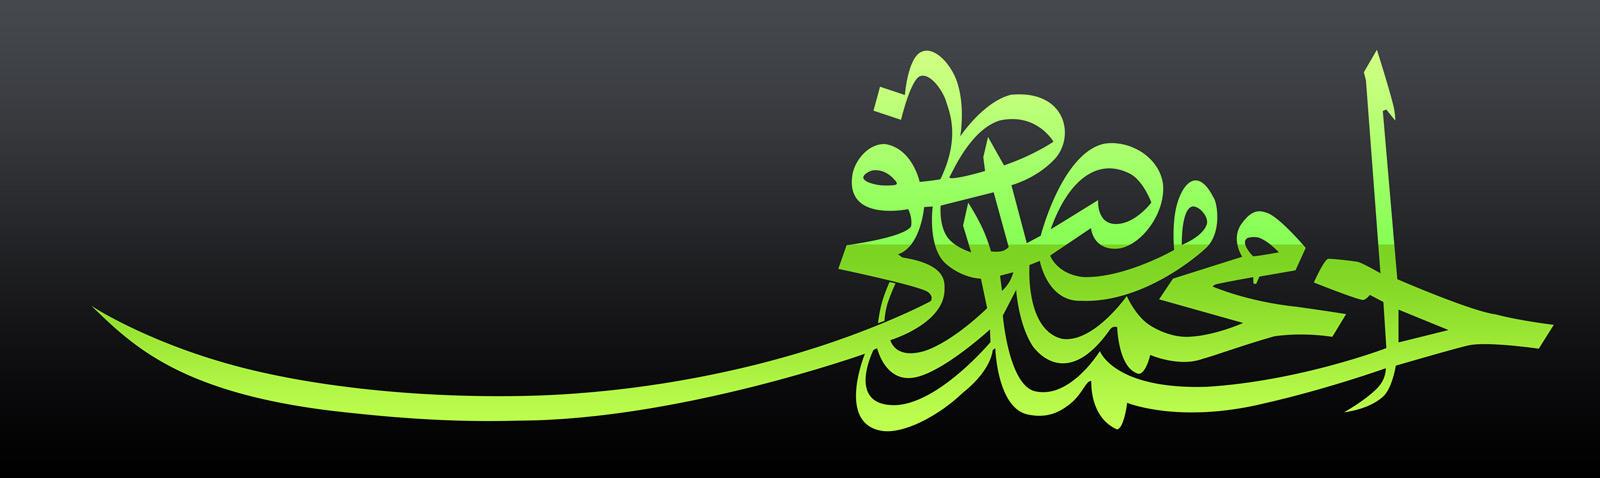 Ahmad Mahmod Muhammad Mustafa by ademmm